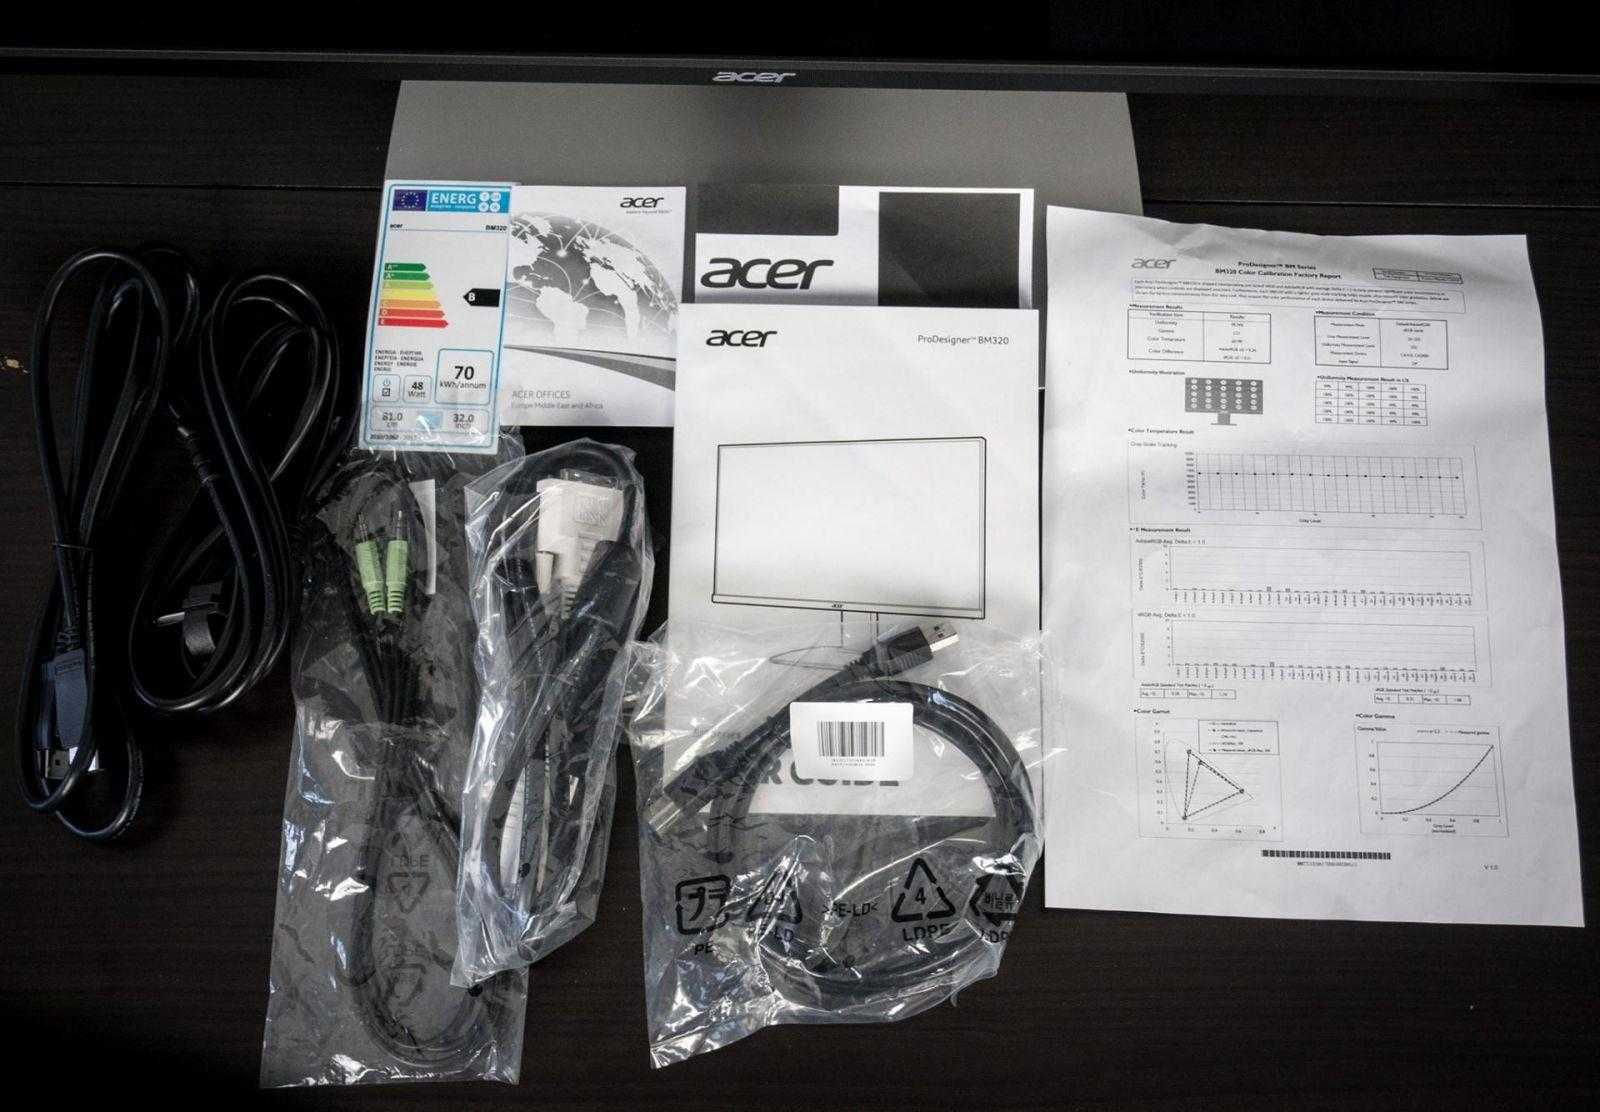 Обзор монитора Acer ProDesigner BM320 (acer 320YaM27)